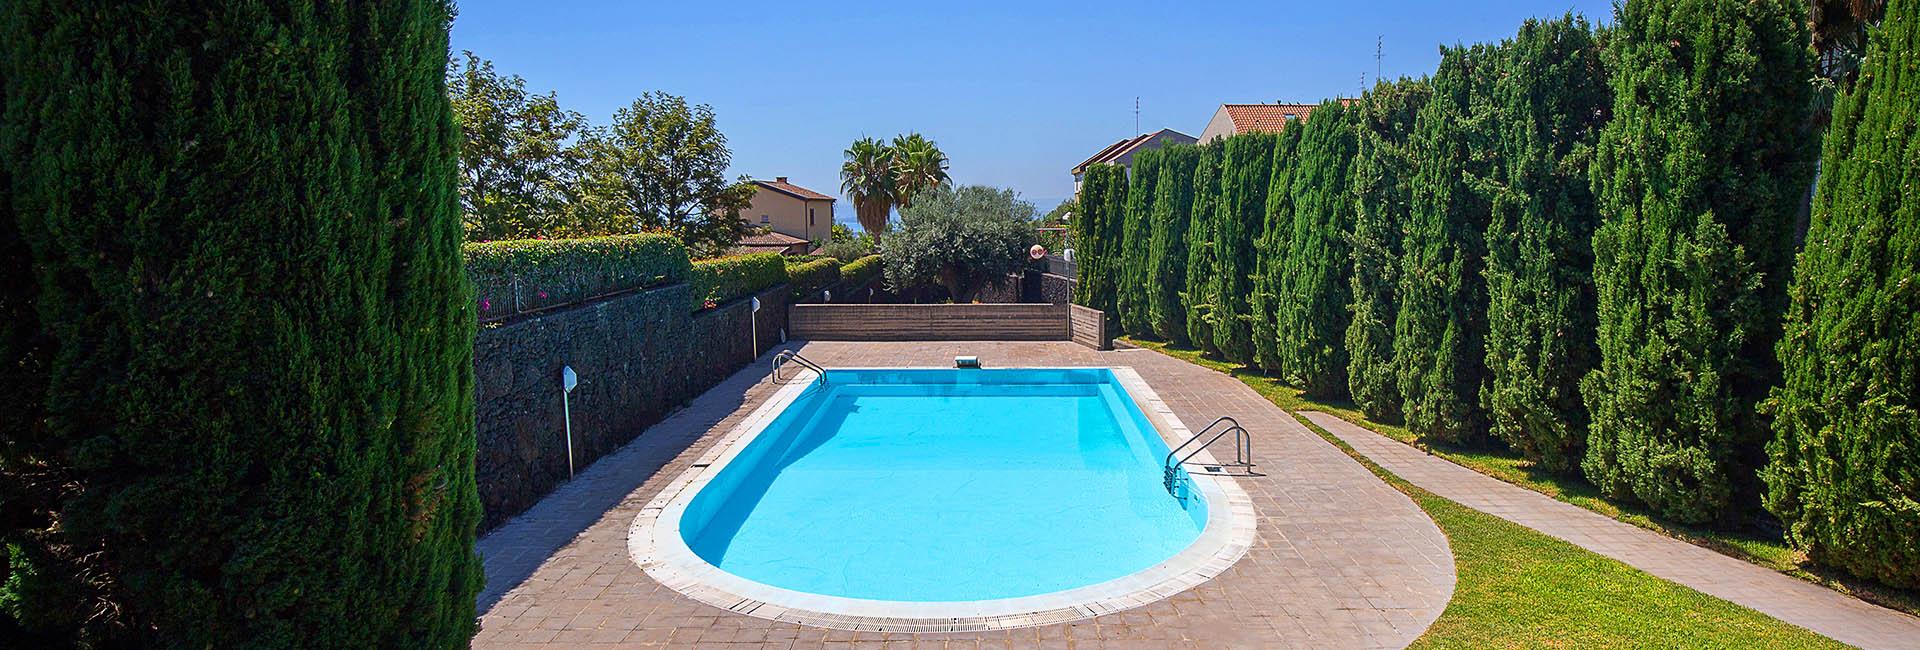 Villa 4 piani con piscina 4 le ville di cerza for Piani di casa con piscina